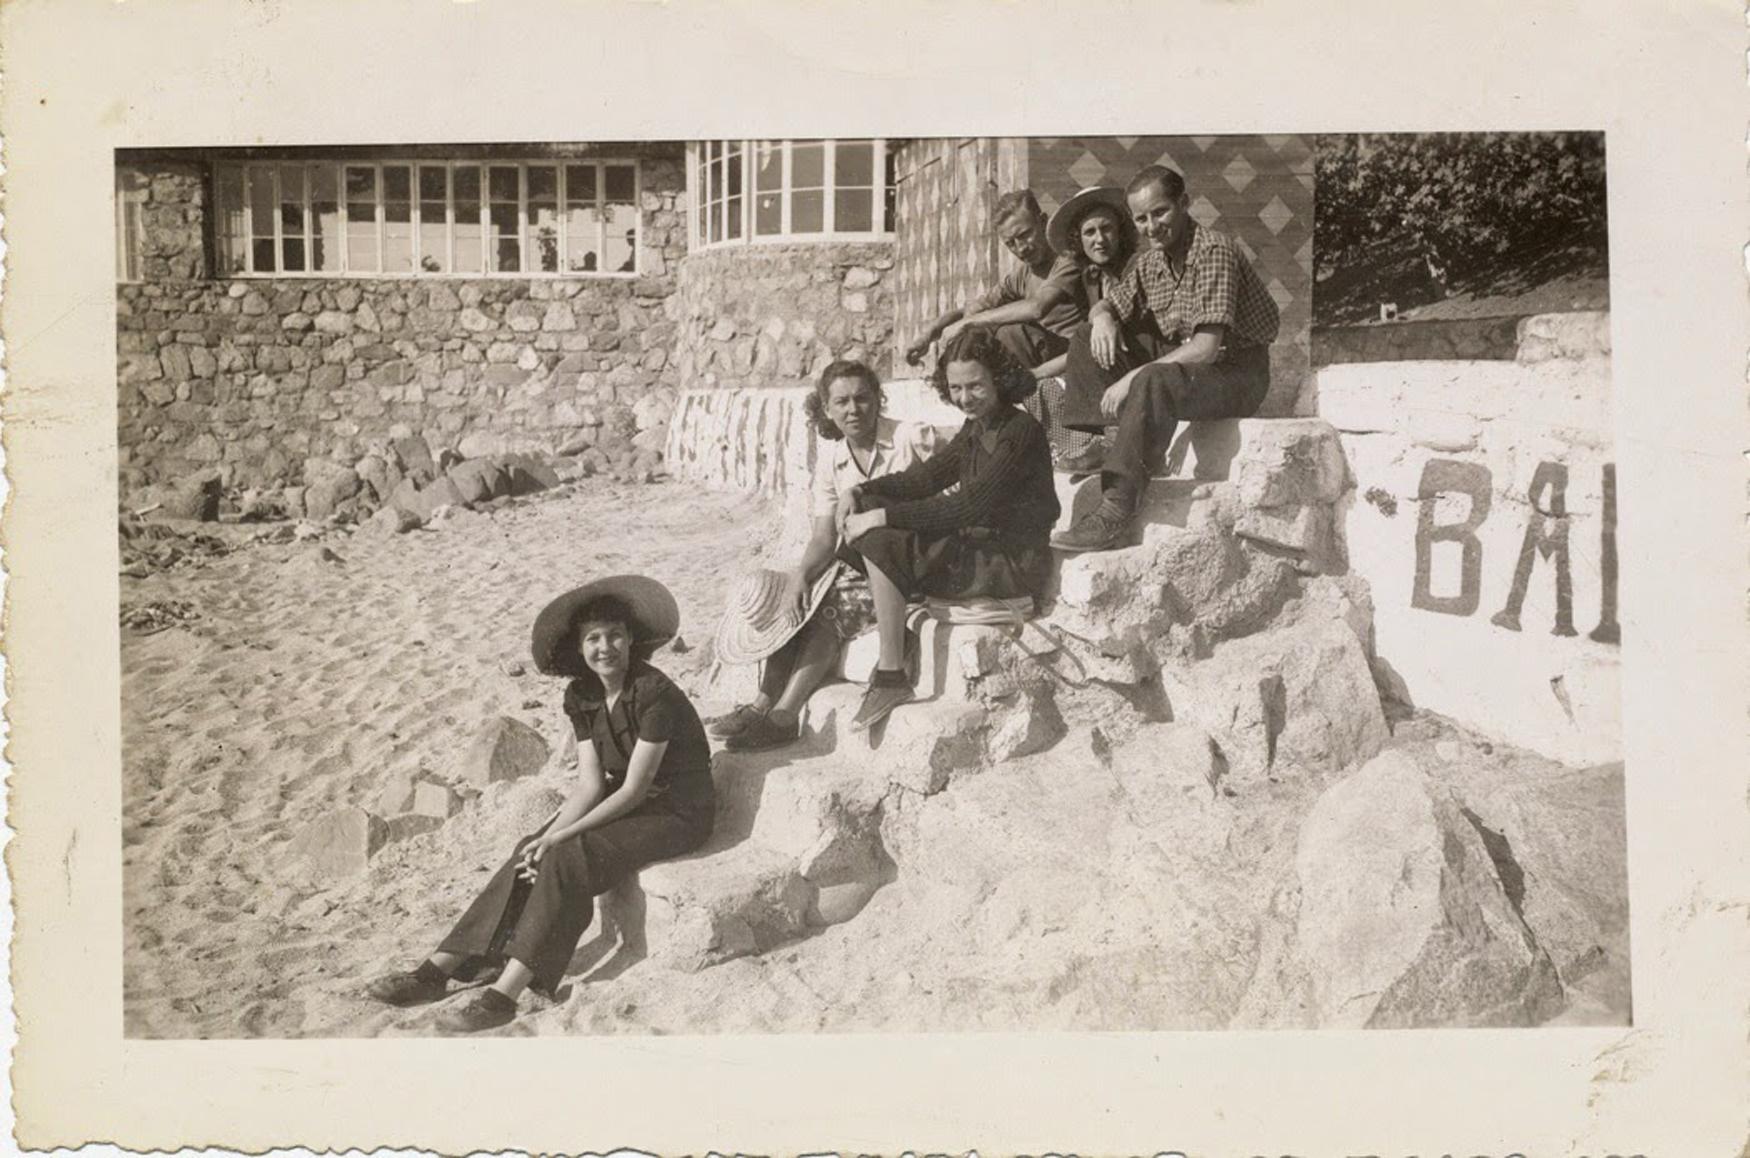 Enterreno - Fotos históricas de chile - fotos antiguas de Chile - Balneario Los Lilenes en Concón